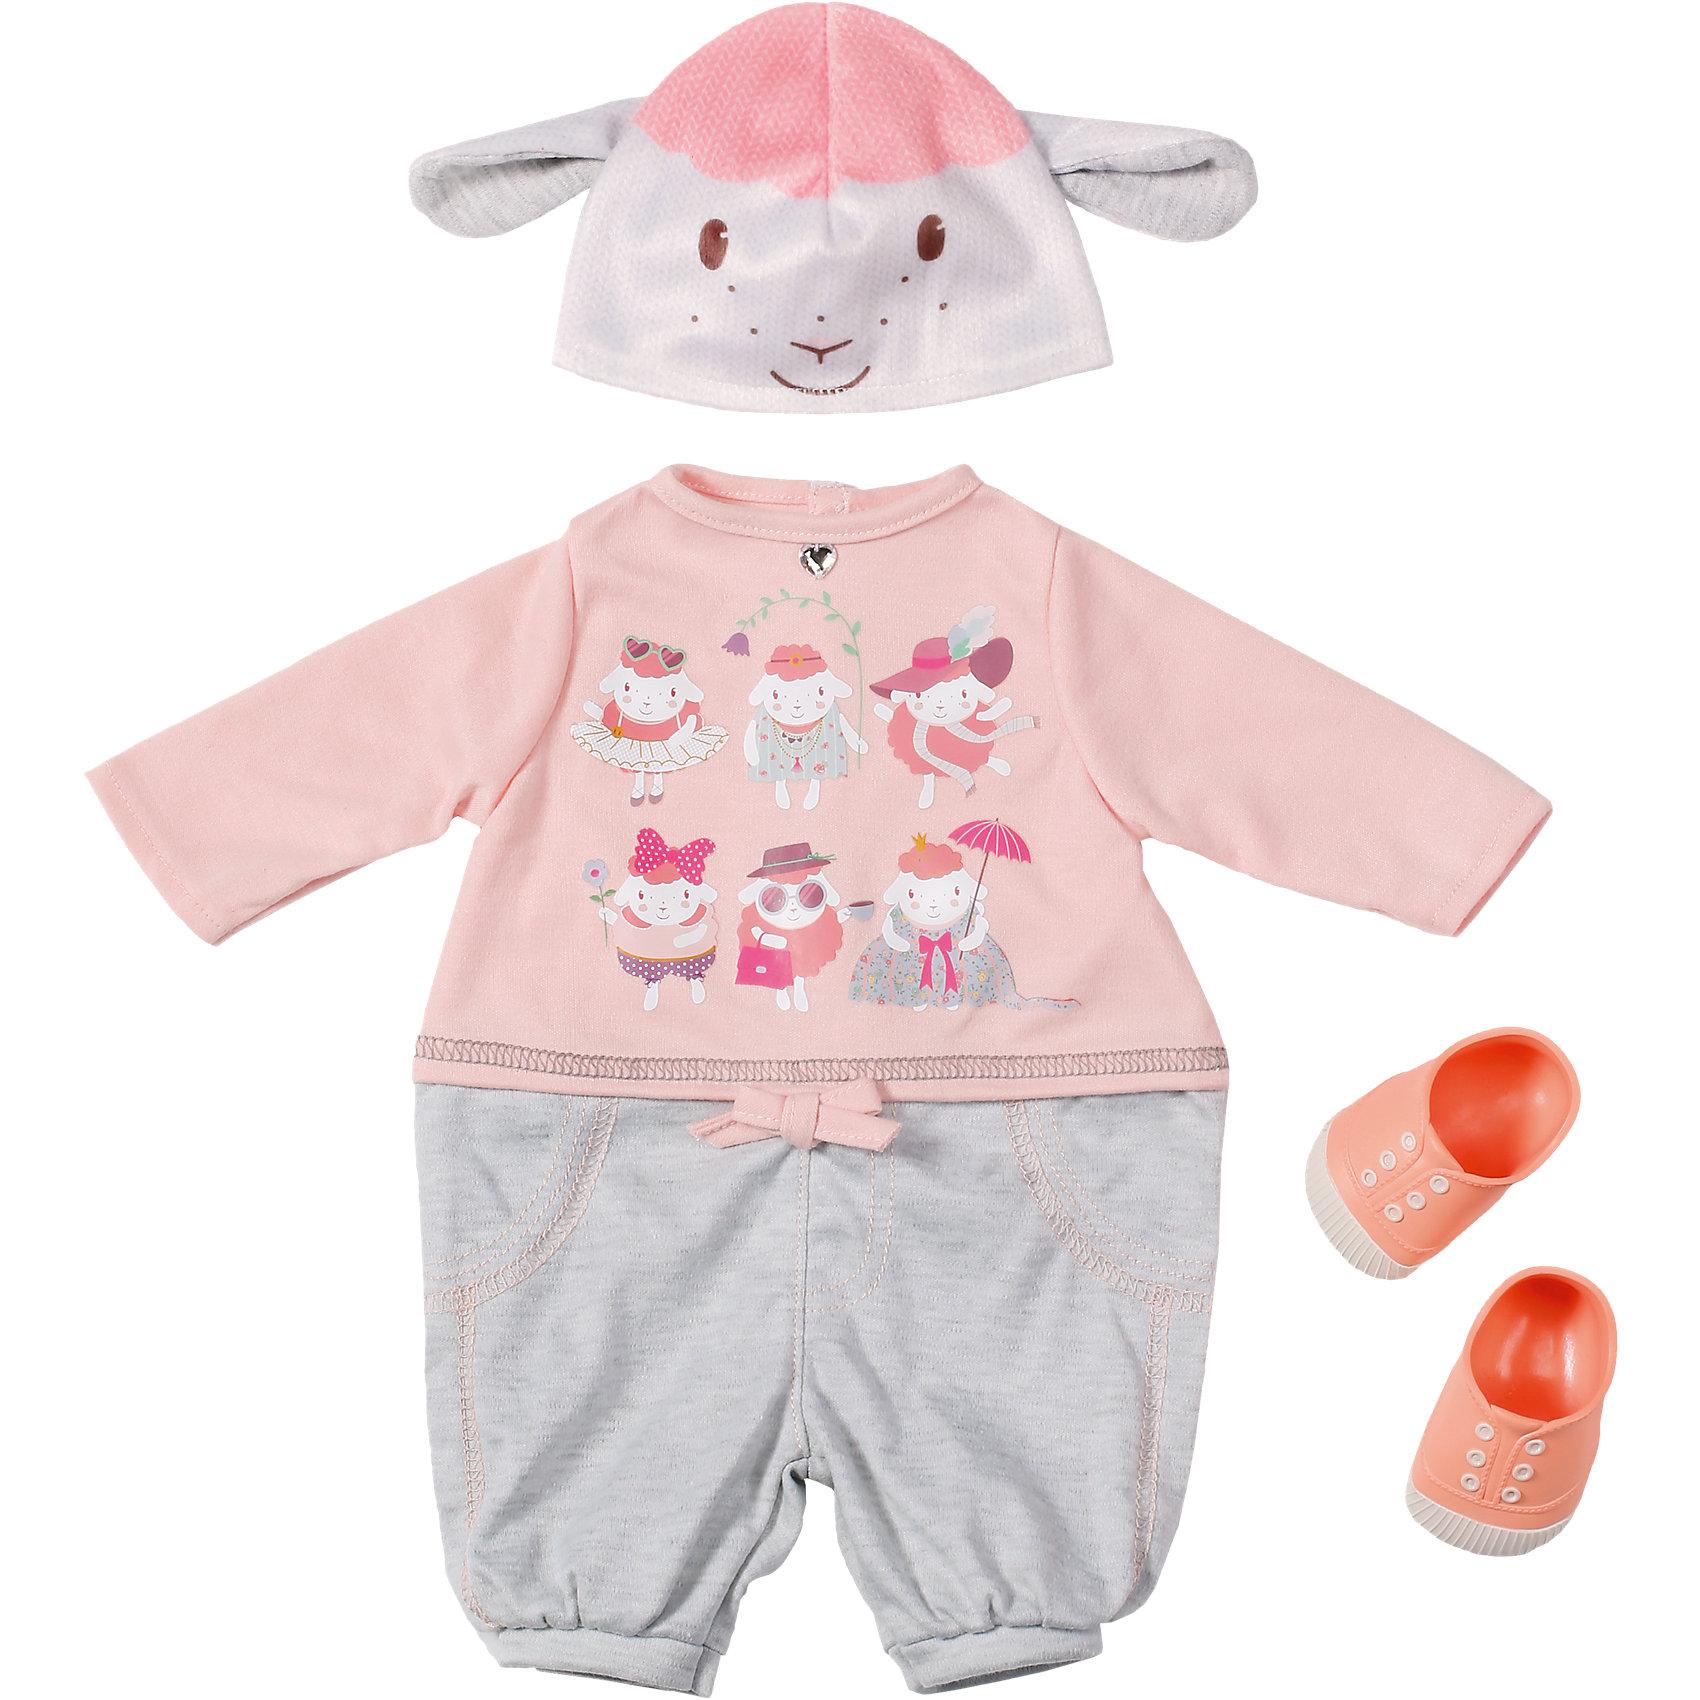 Zapf Creation Одежда для прогулки, Baby Annabell купить в москве хсн одежда